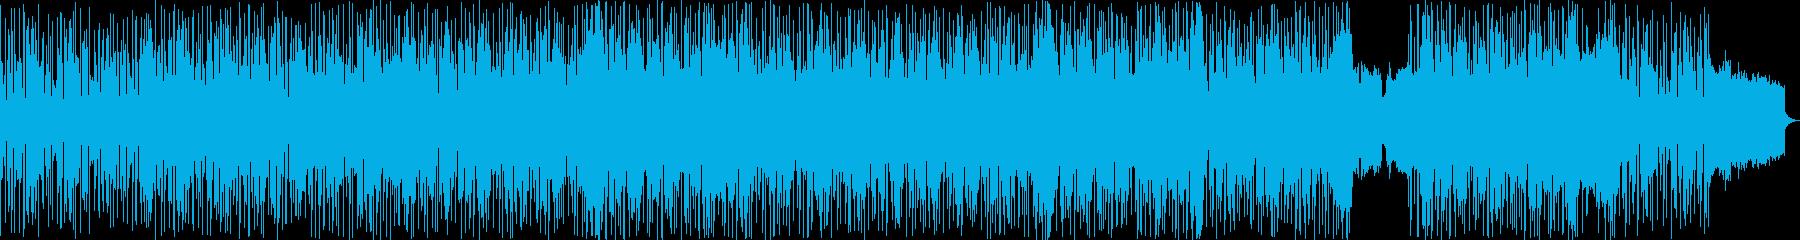 マークアンソニー風の心地いいポップスの再生済みの波形